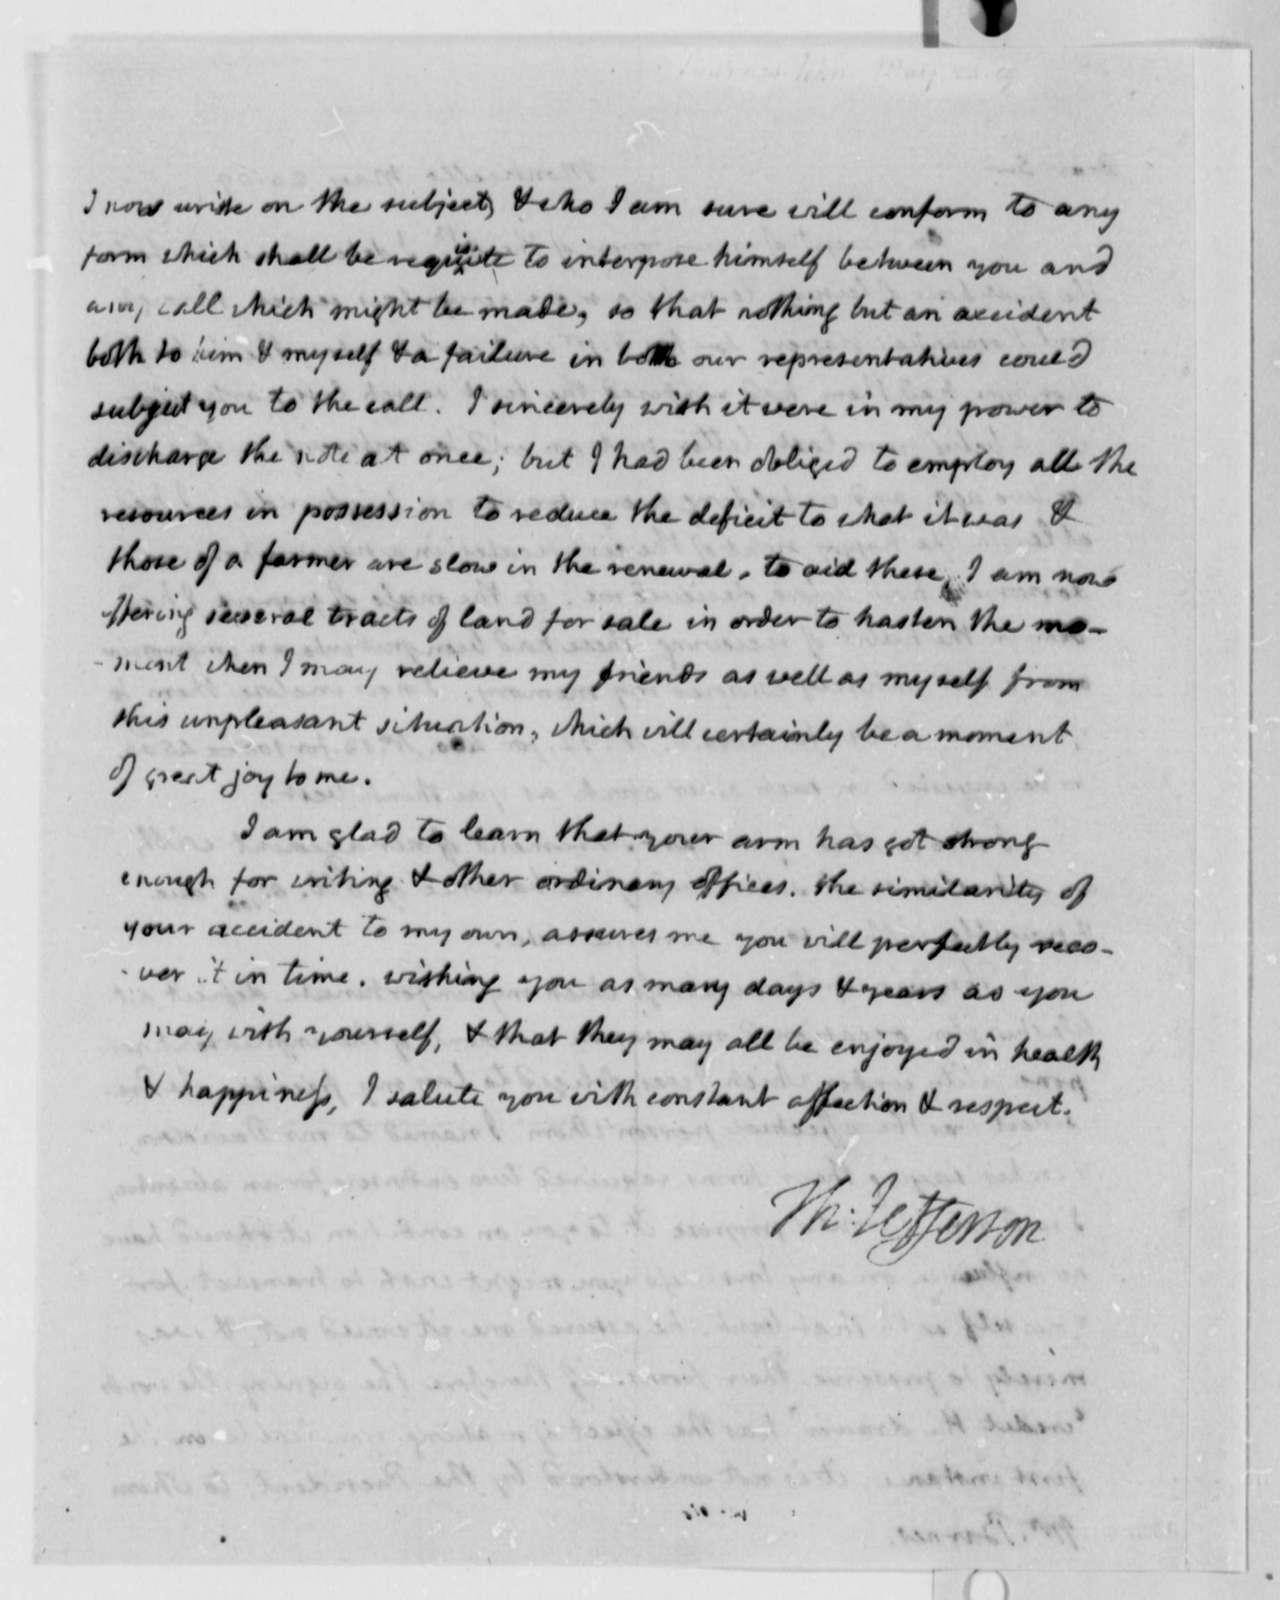 Thomas Jefferson to John S. Barnes, May 24, 1809